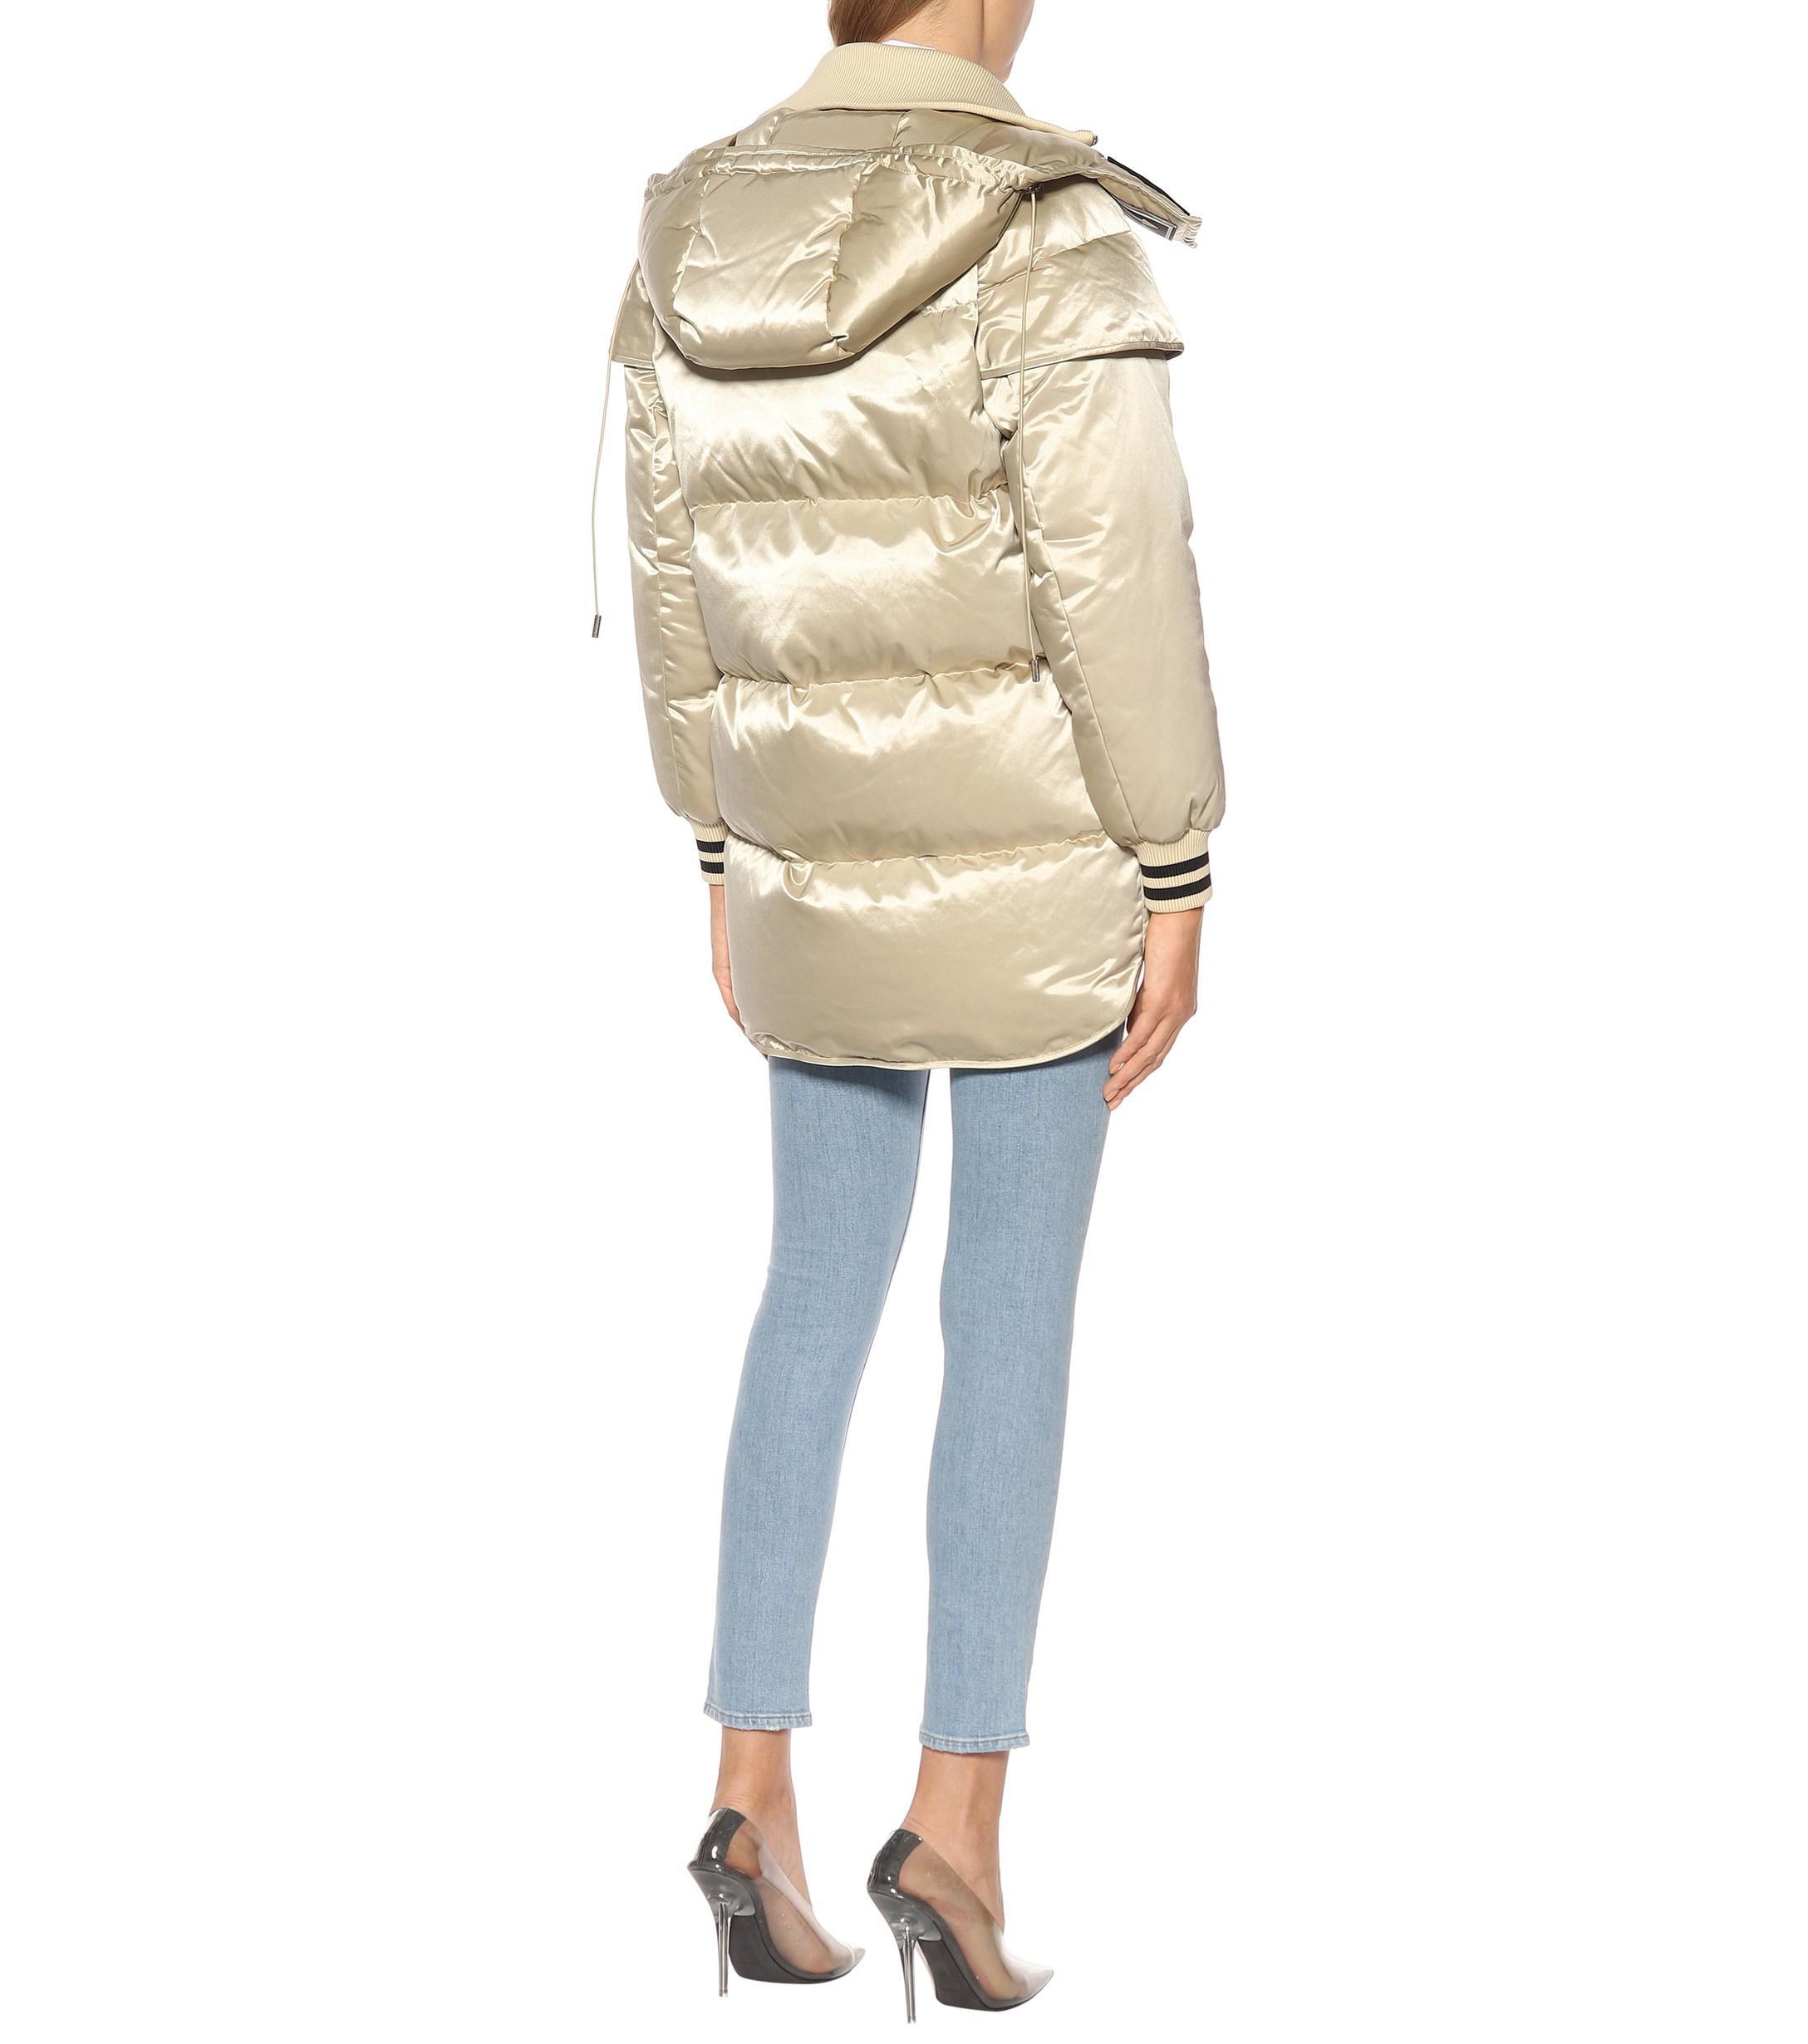 Abrigo acolchado oversized Off-White c/o Virgil Abloh de color Neutro